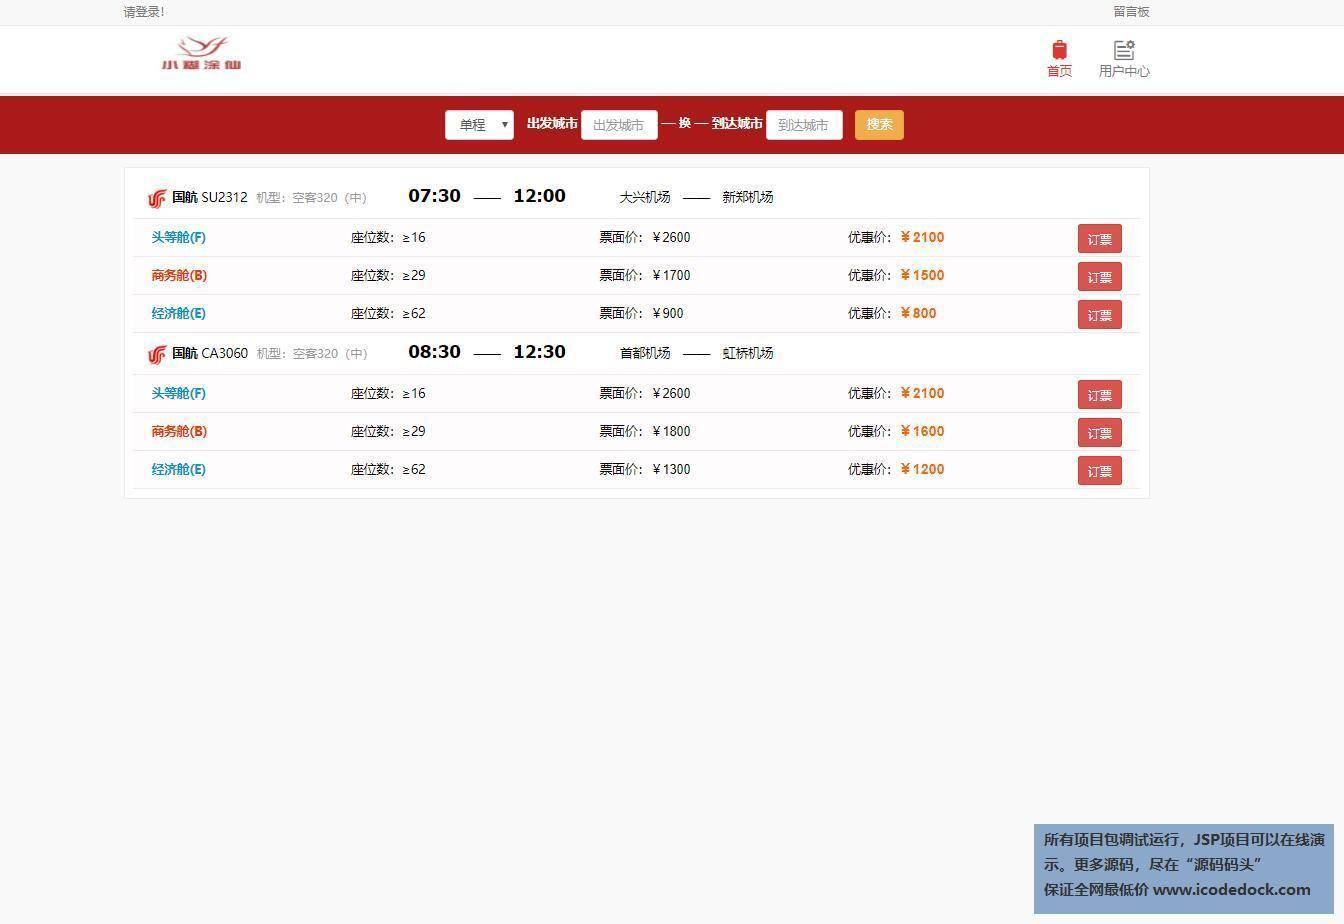 源码码头-JSP航班机票订票网站-用户角色-查询航班